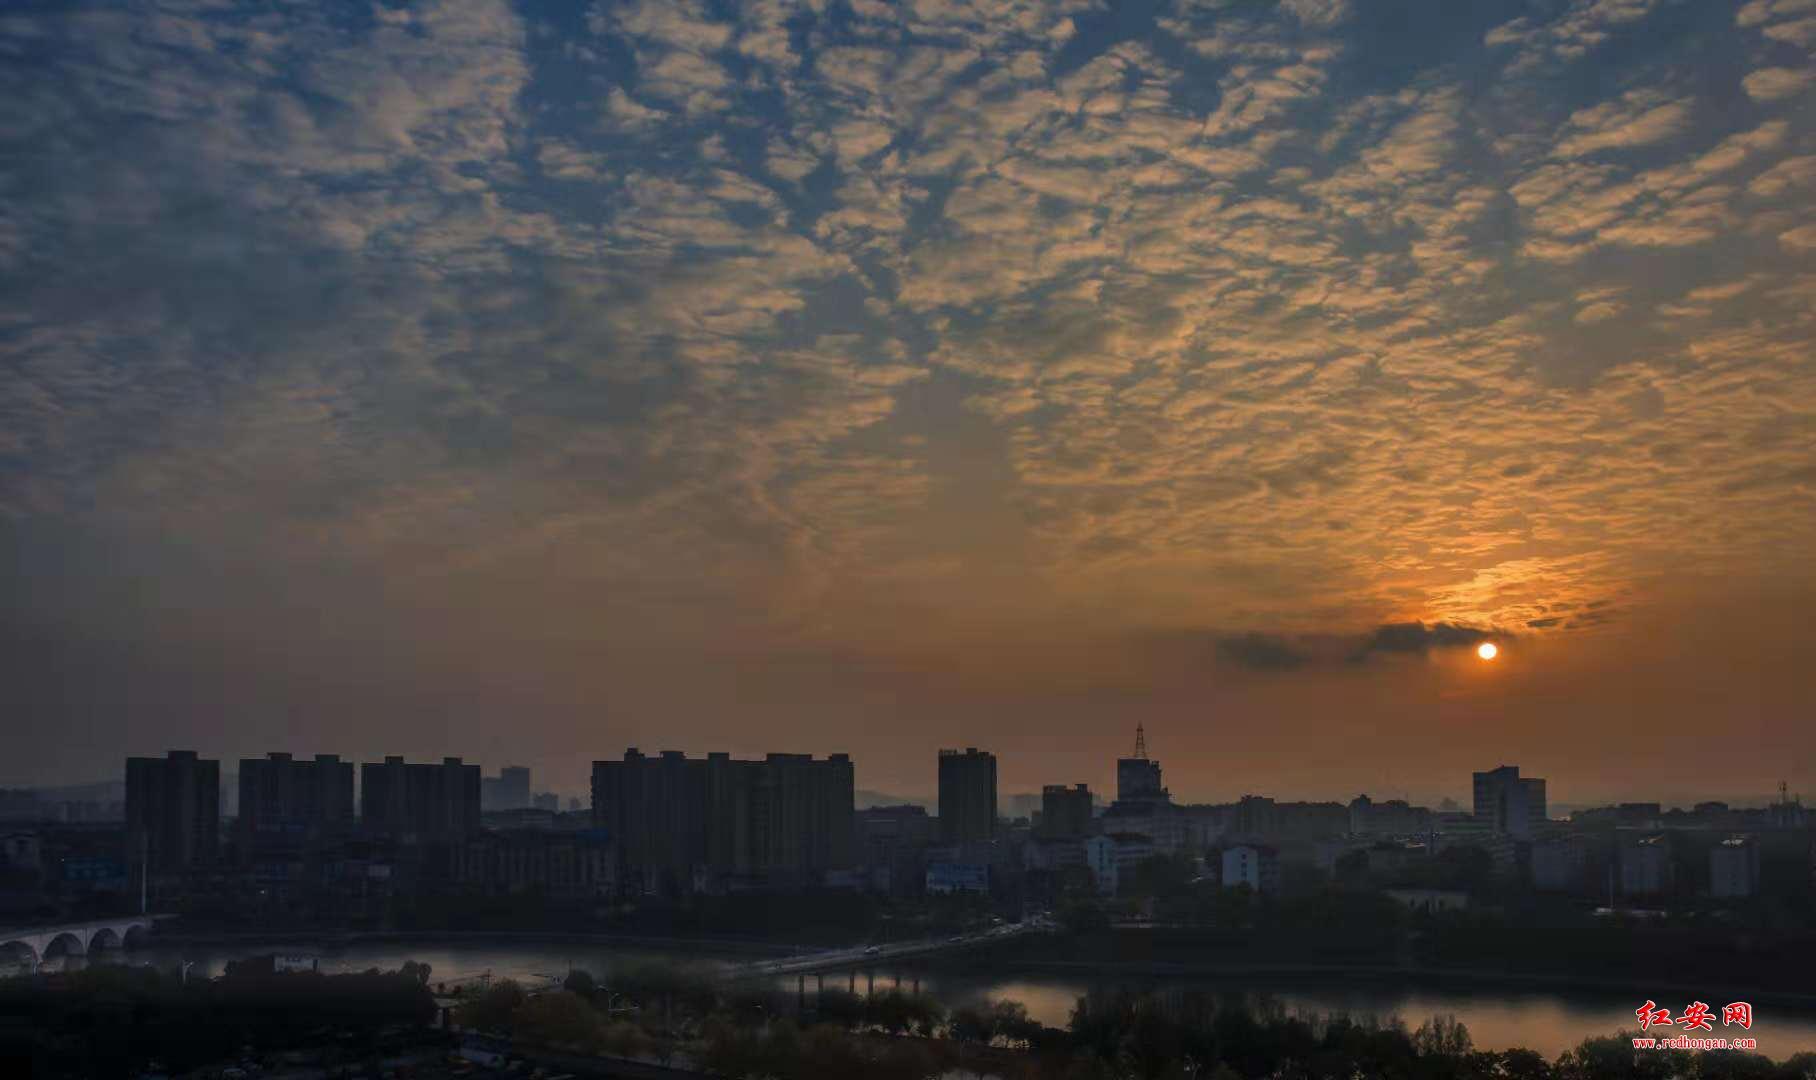 红安风光:夕照倒水河